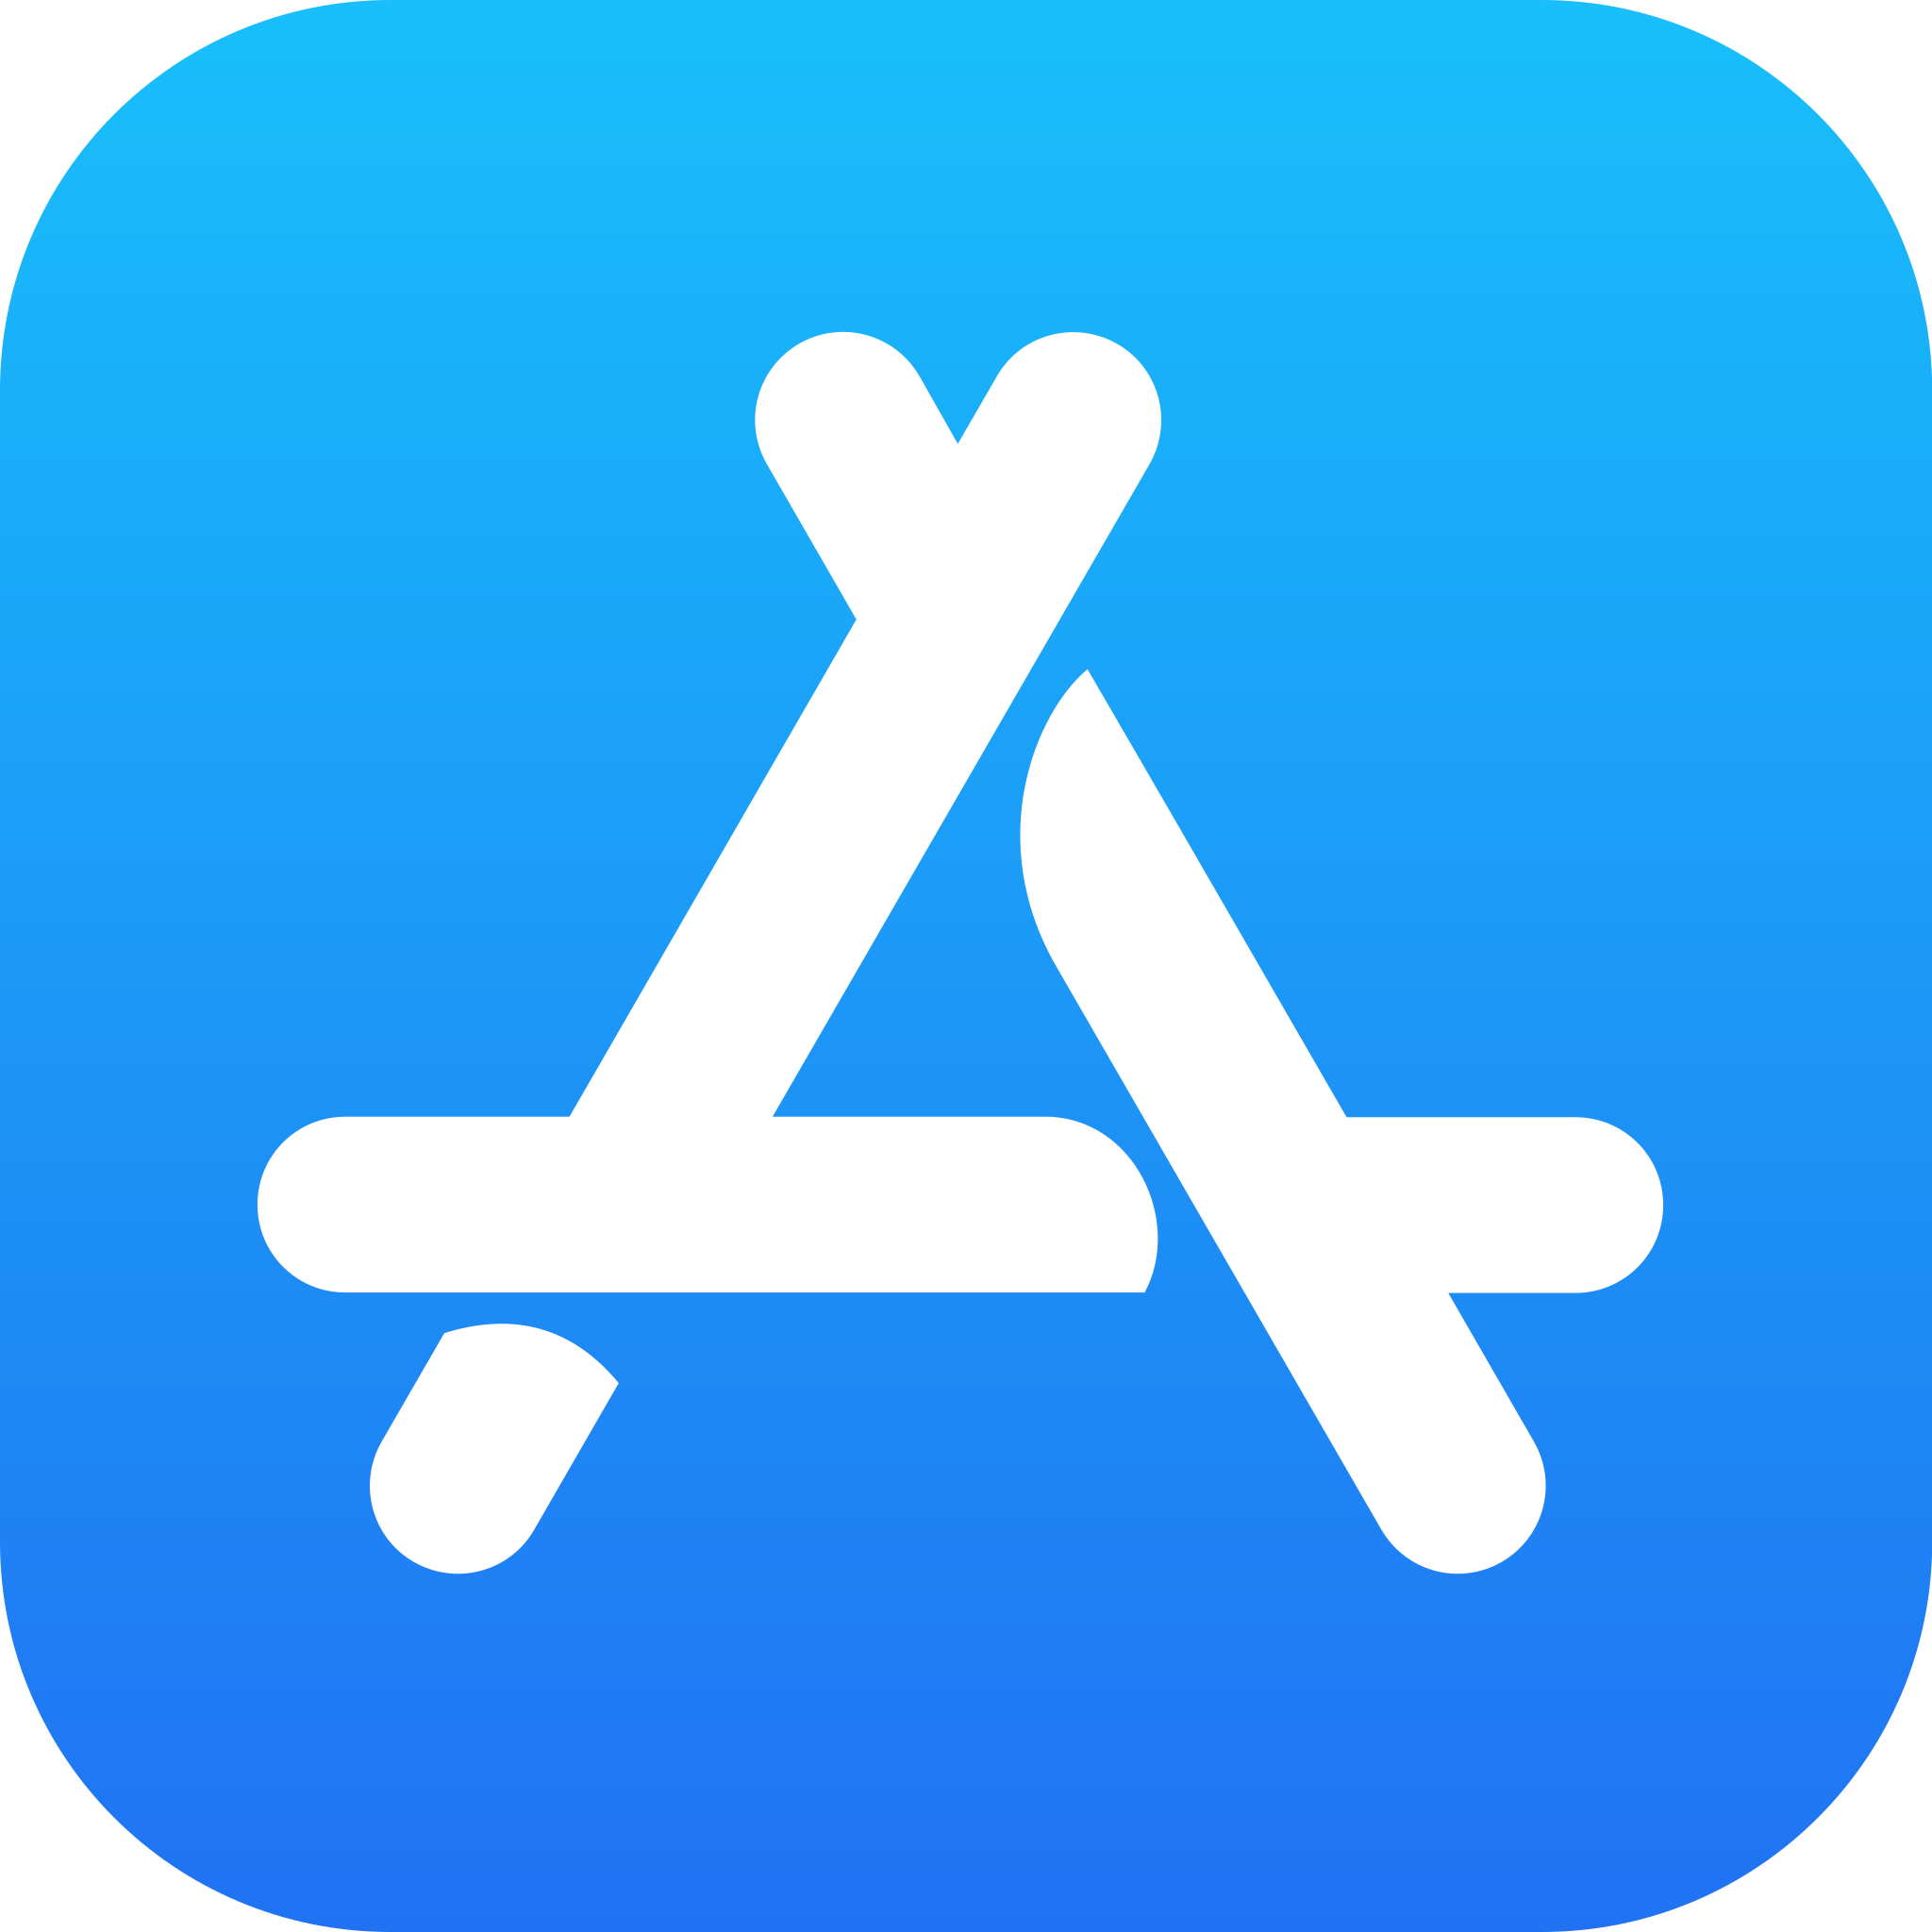 File:App Store logo.png